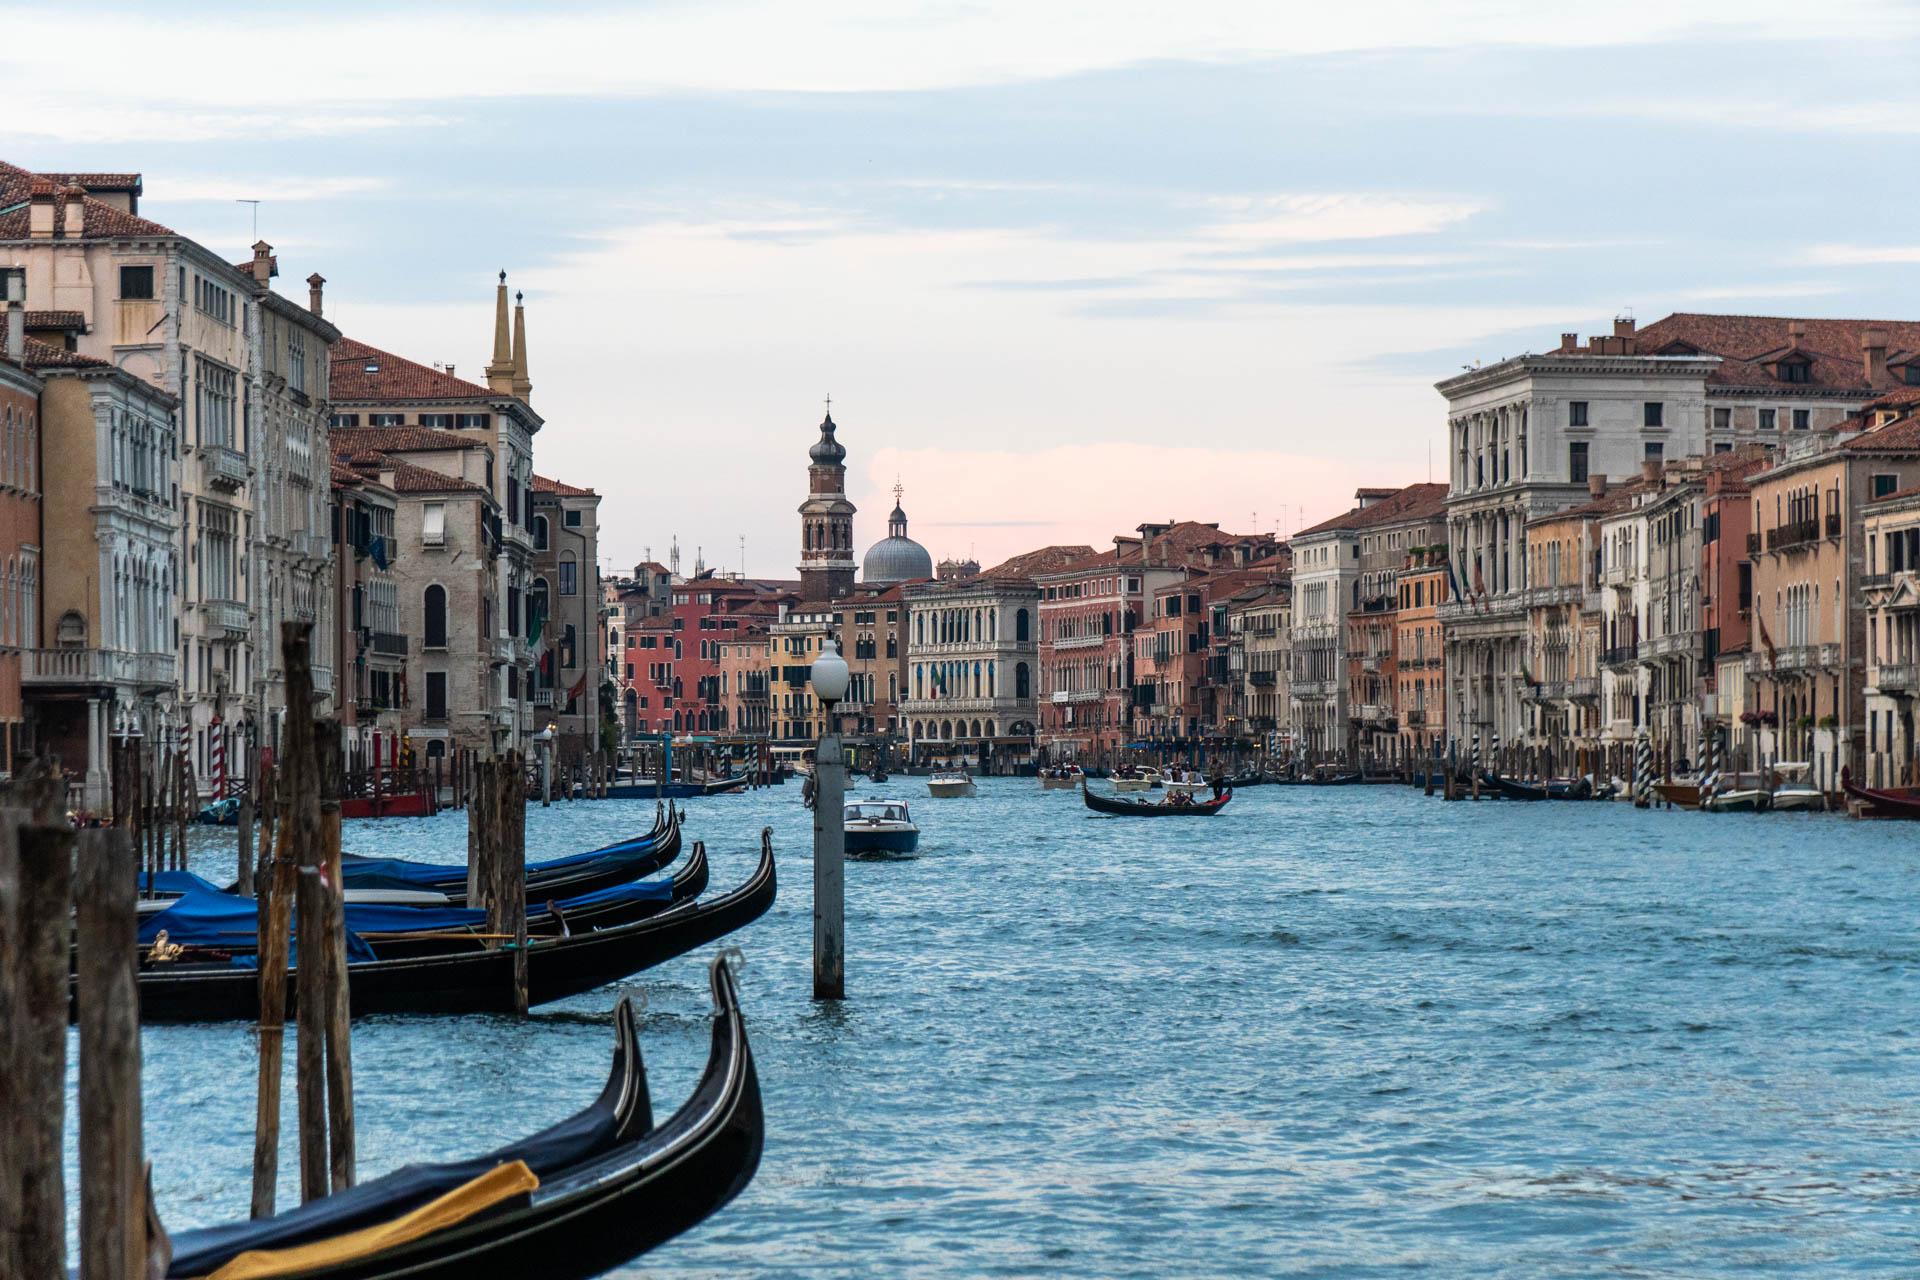 Vini di Arturo Venedig